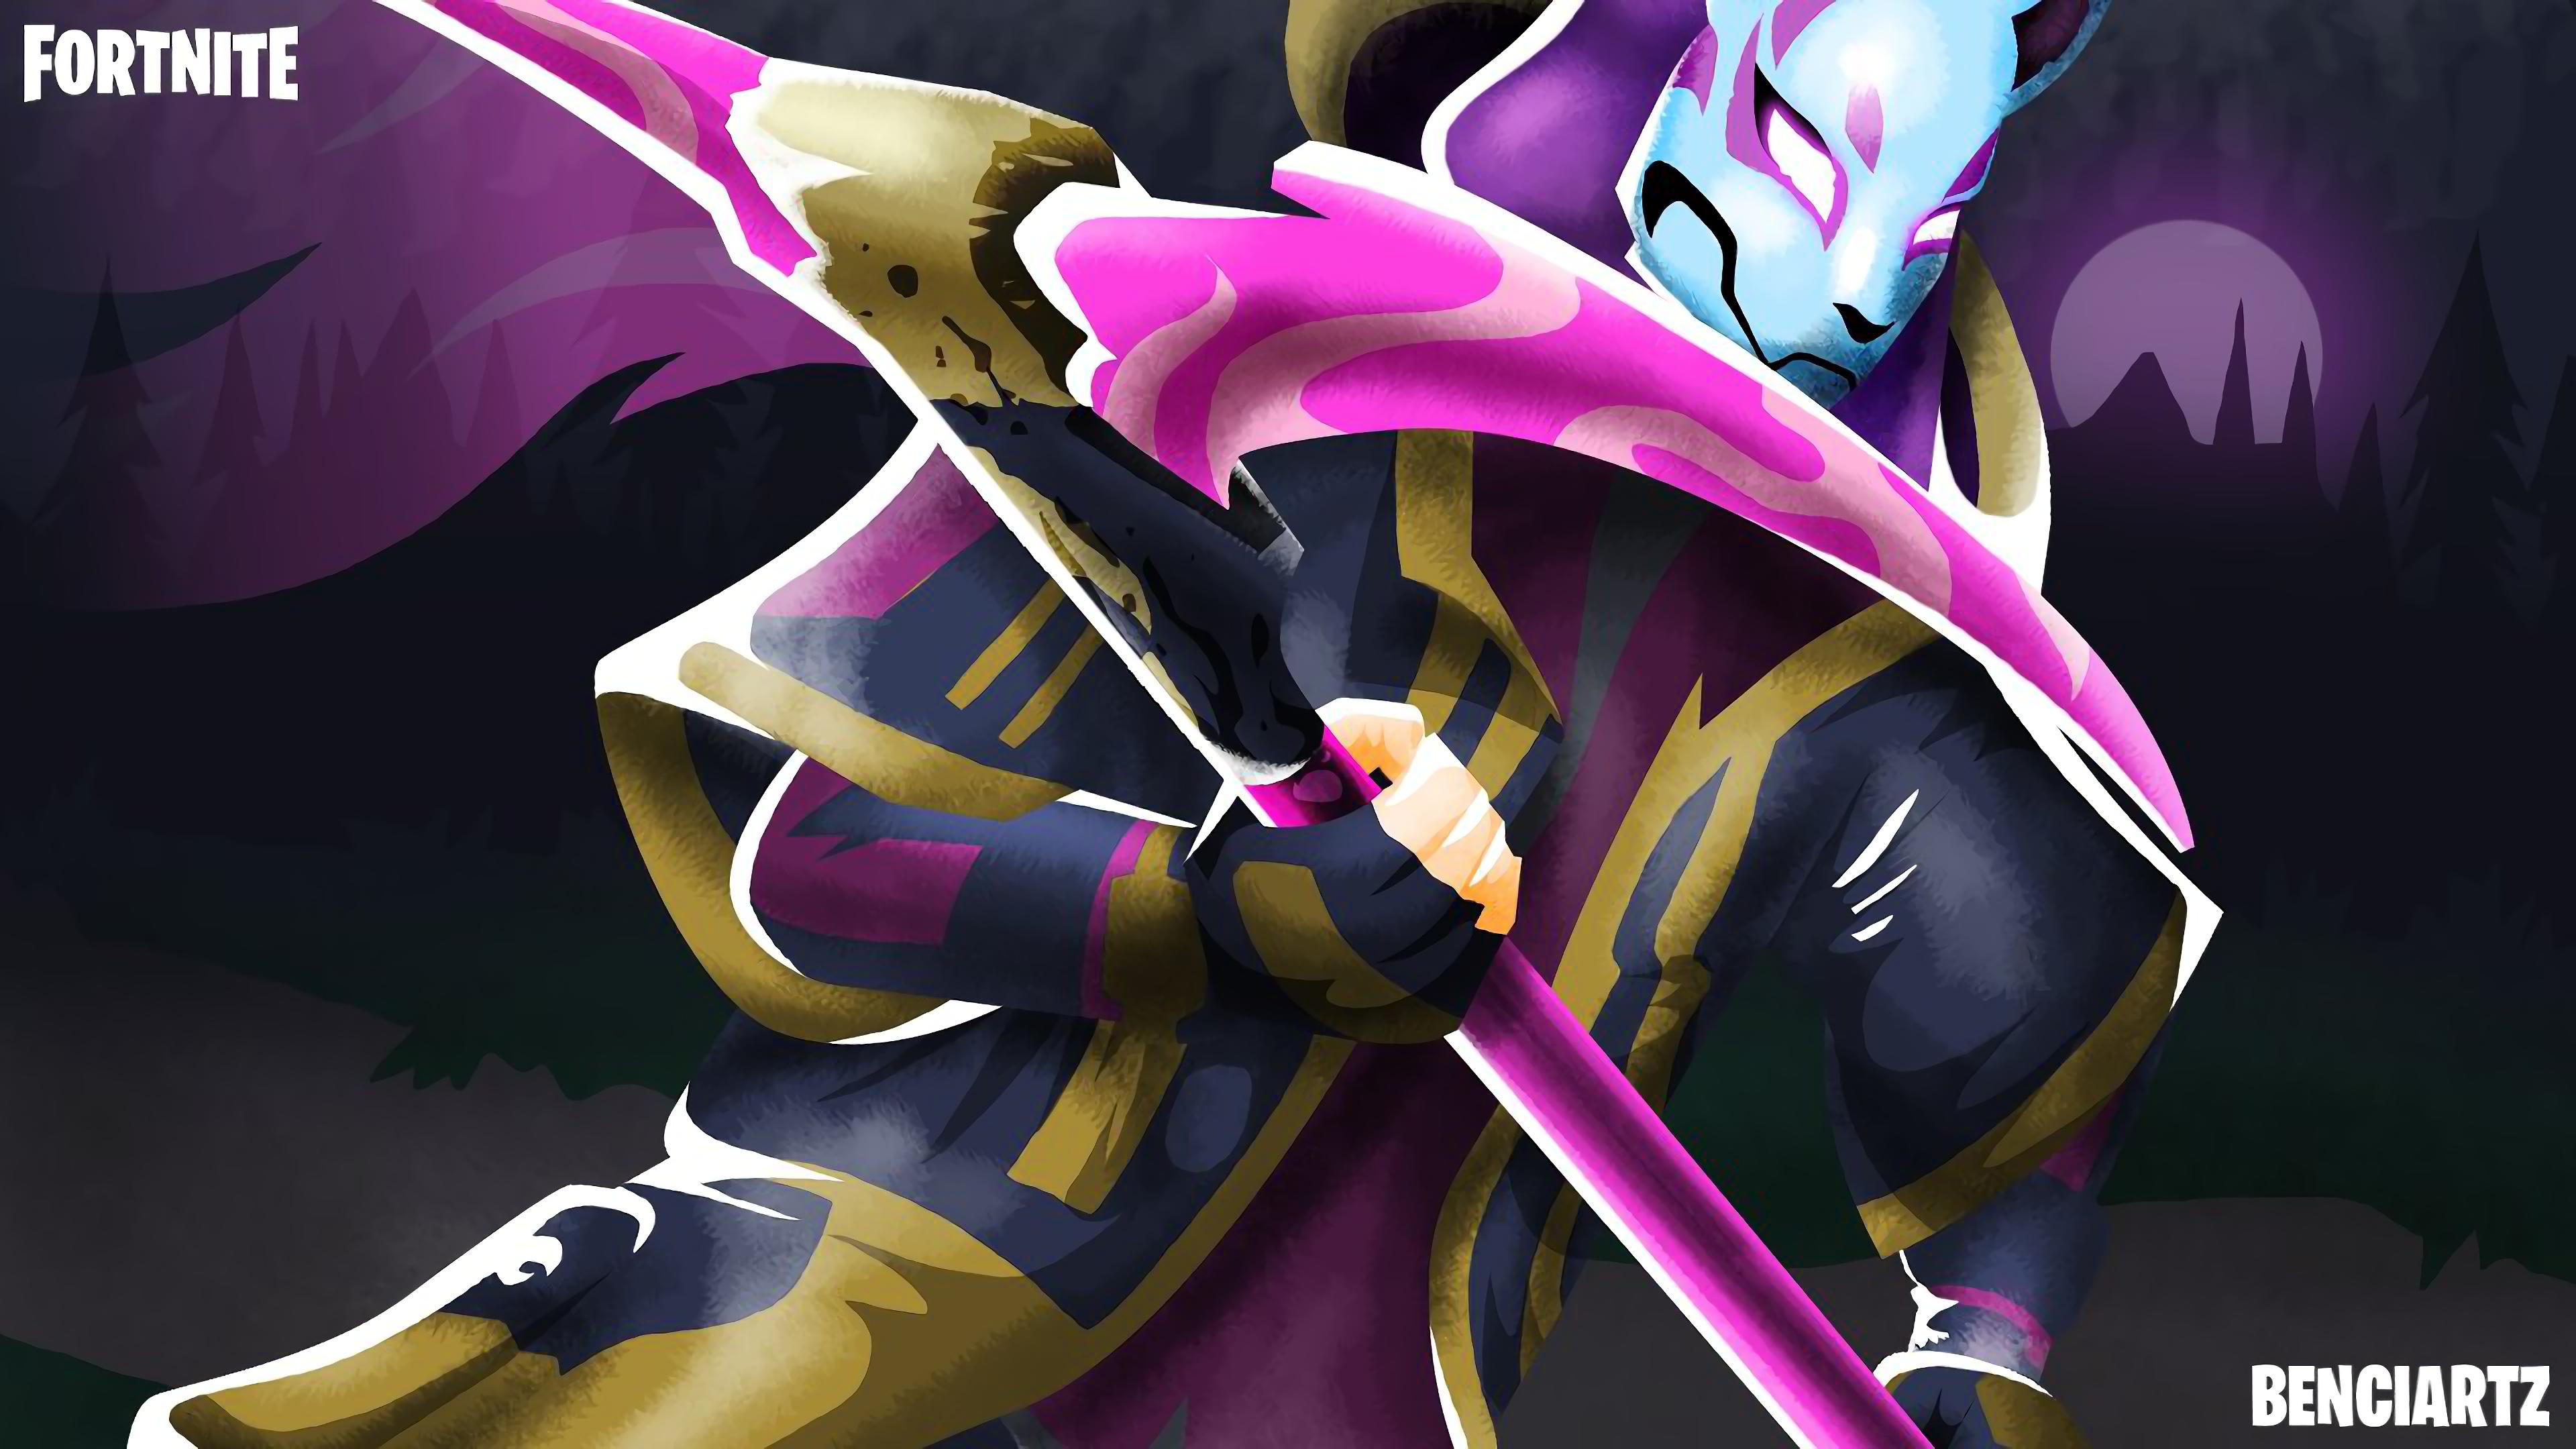 Drift Art Fortnite Battle Royale 4K 22713 3840x2160